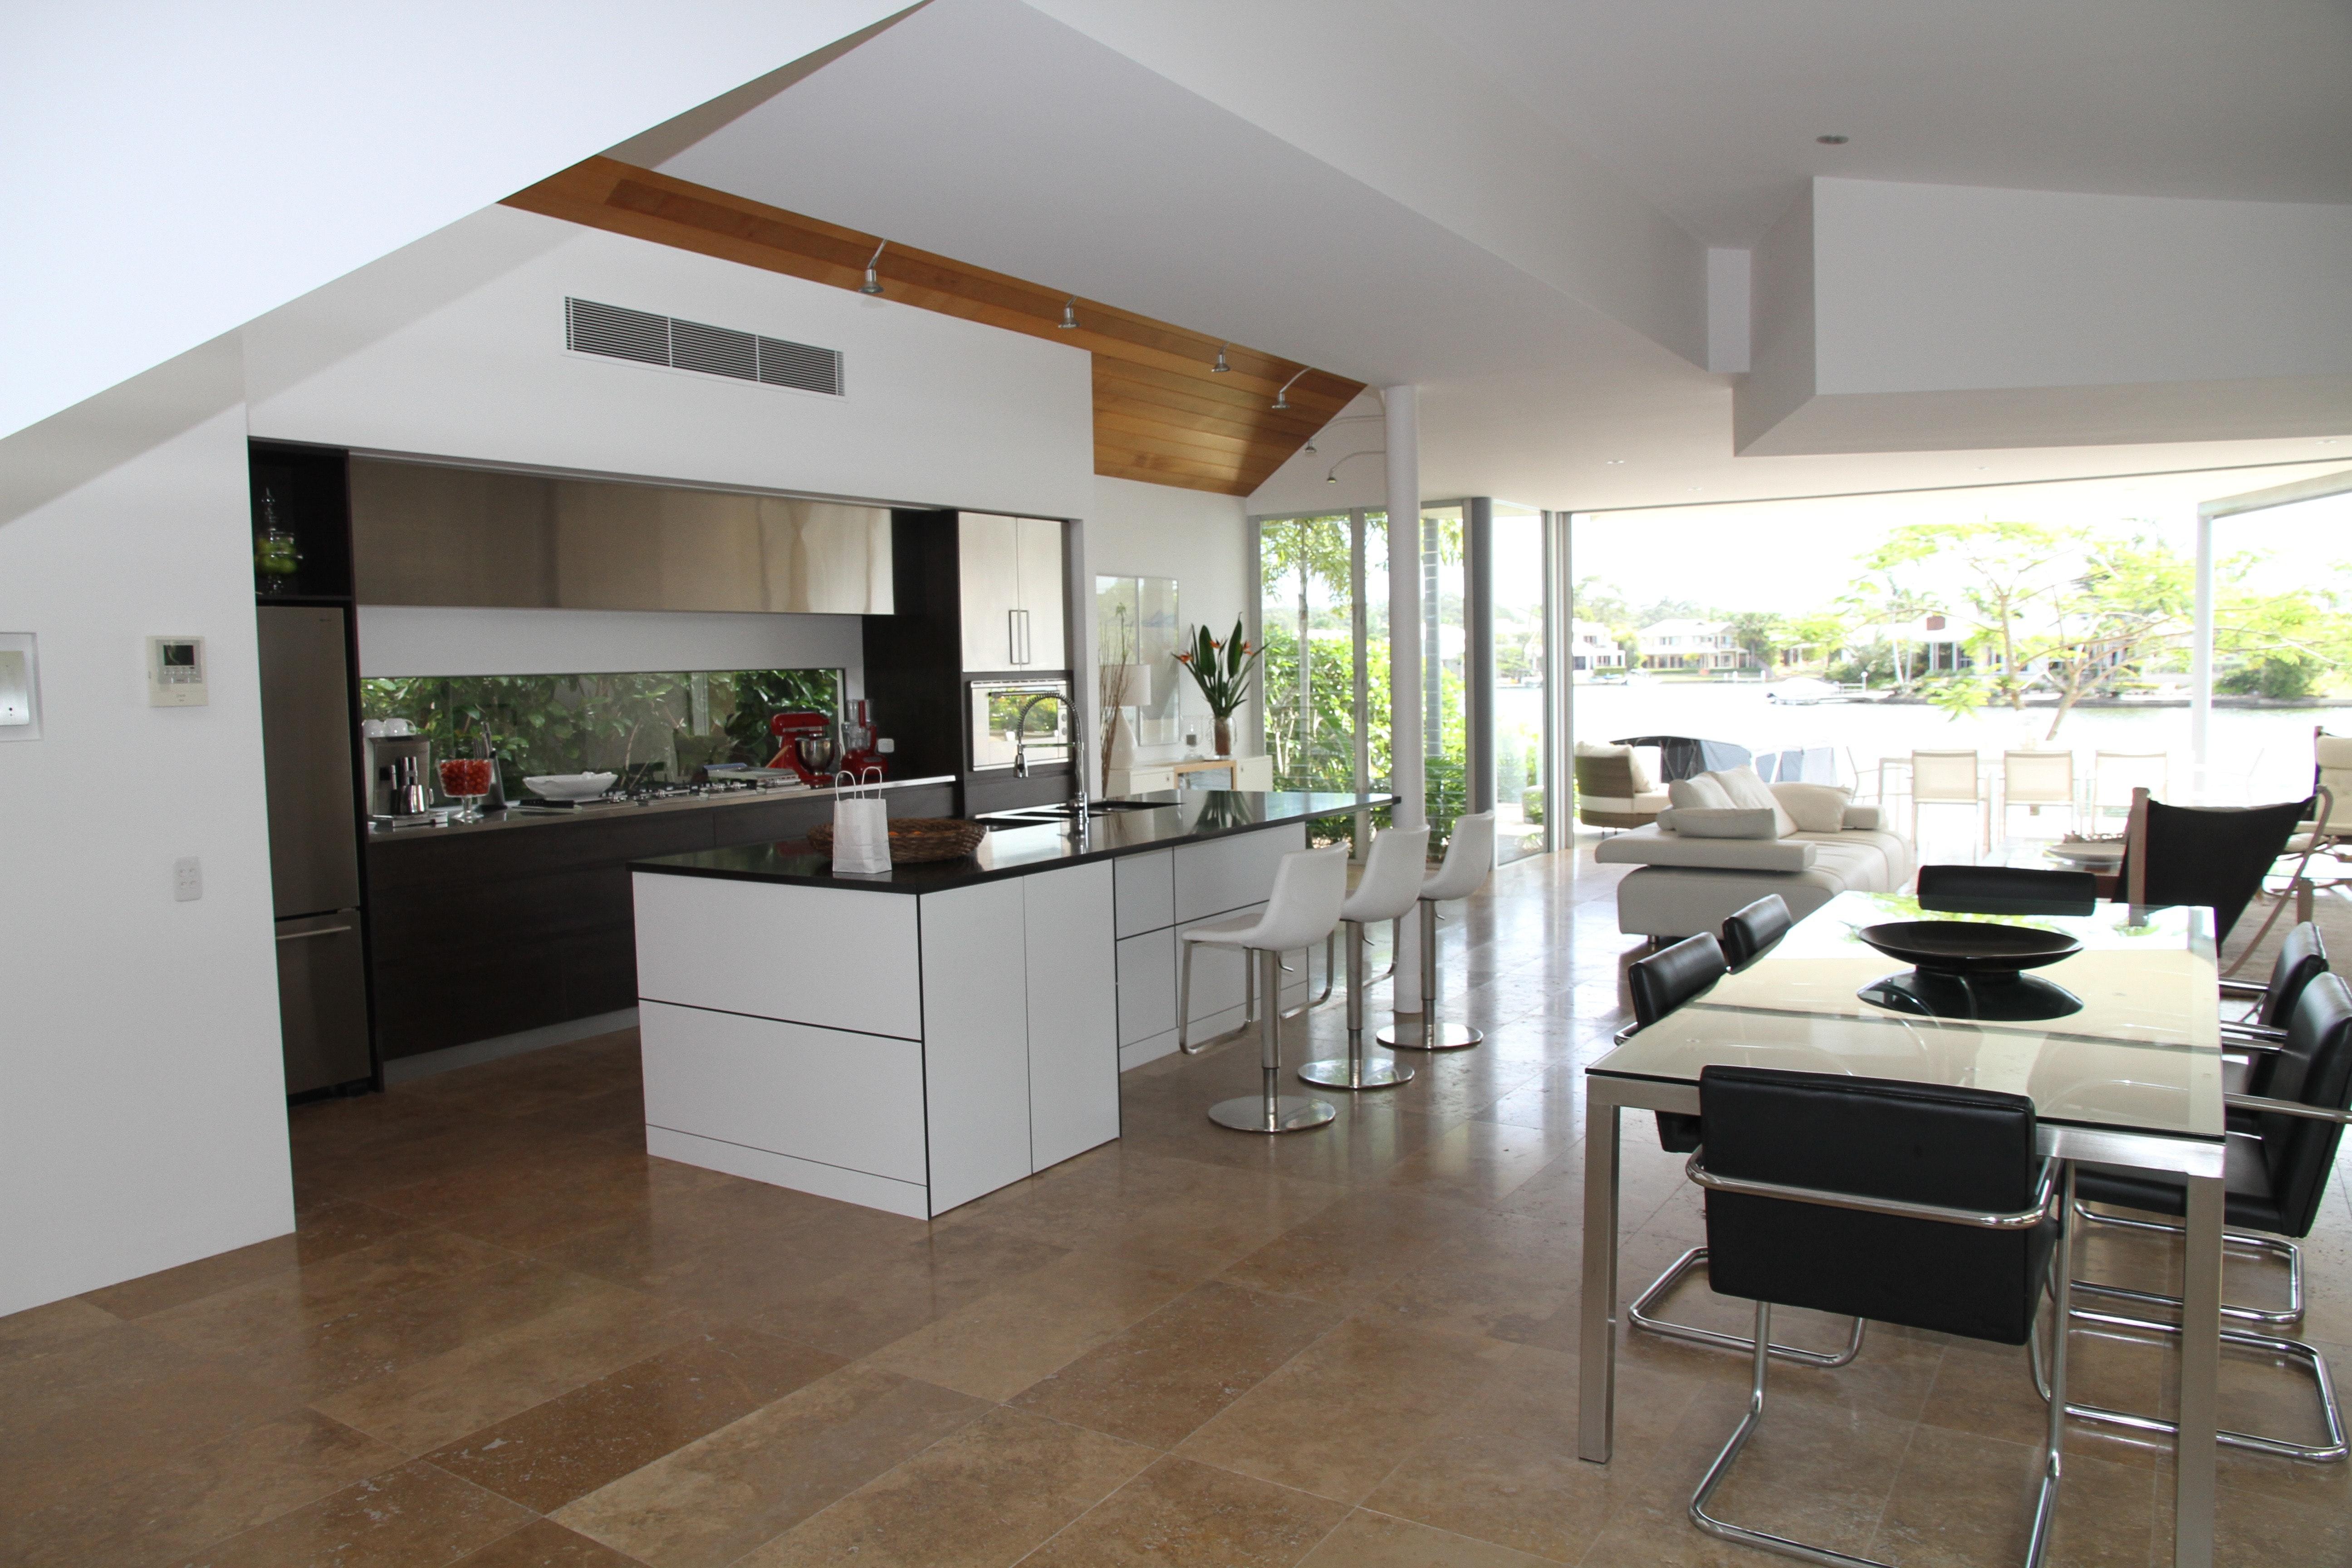 Pavimento in graniglia: è adatto anche a una casa moderna?